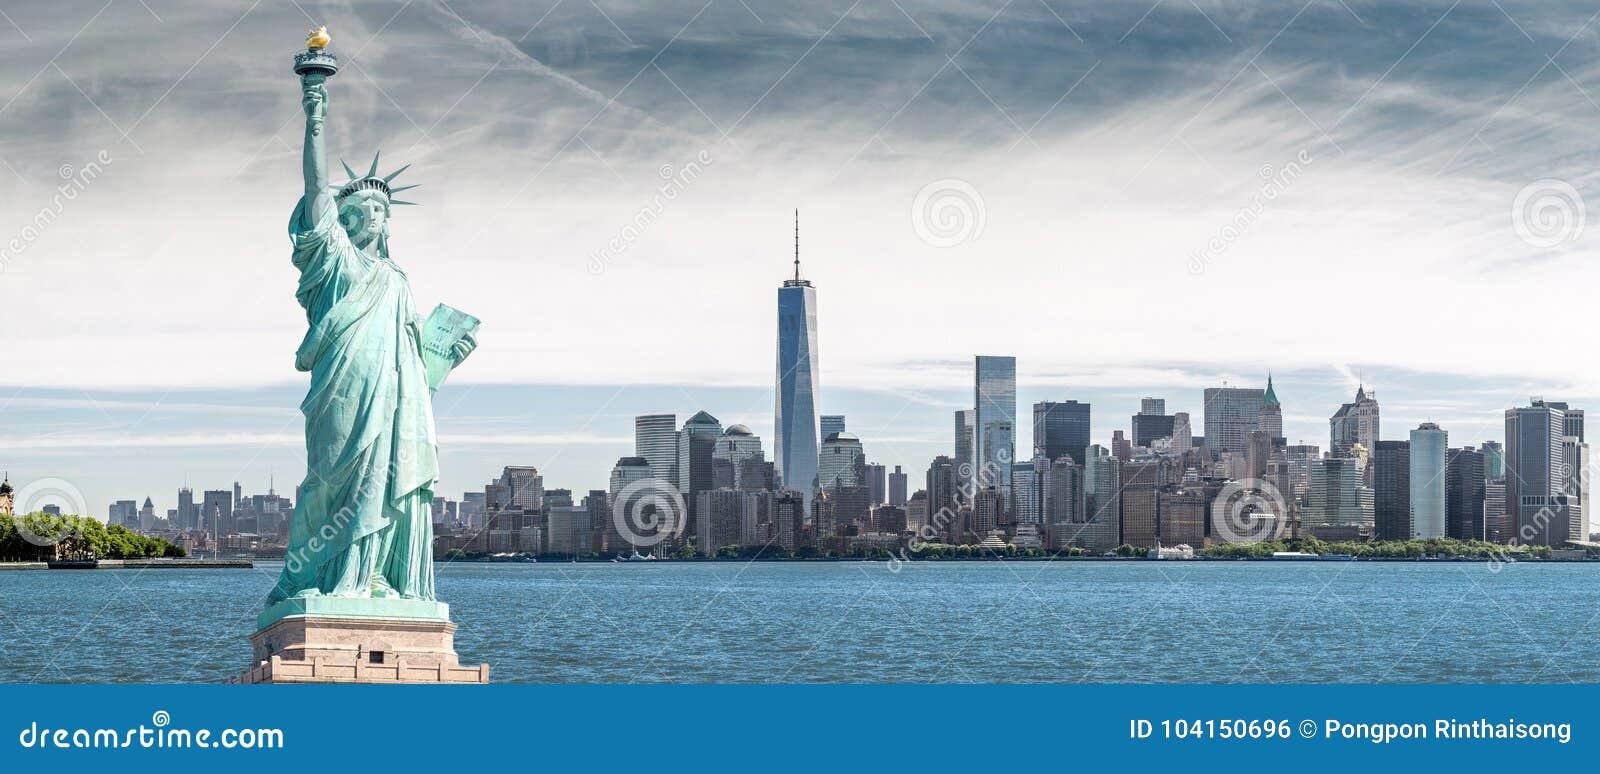 La statue de la liberté avec un fond de World Trade Center, points de repère de New York City